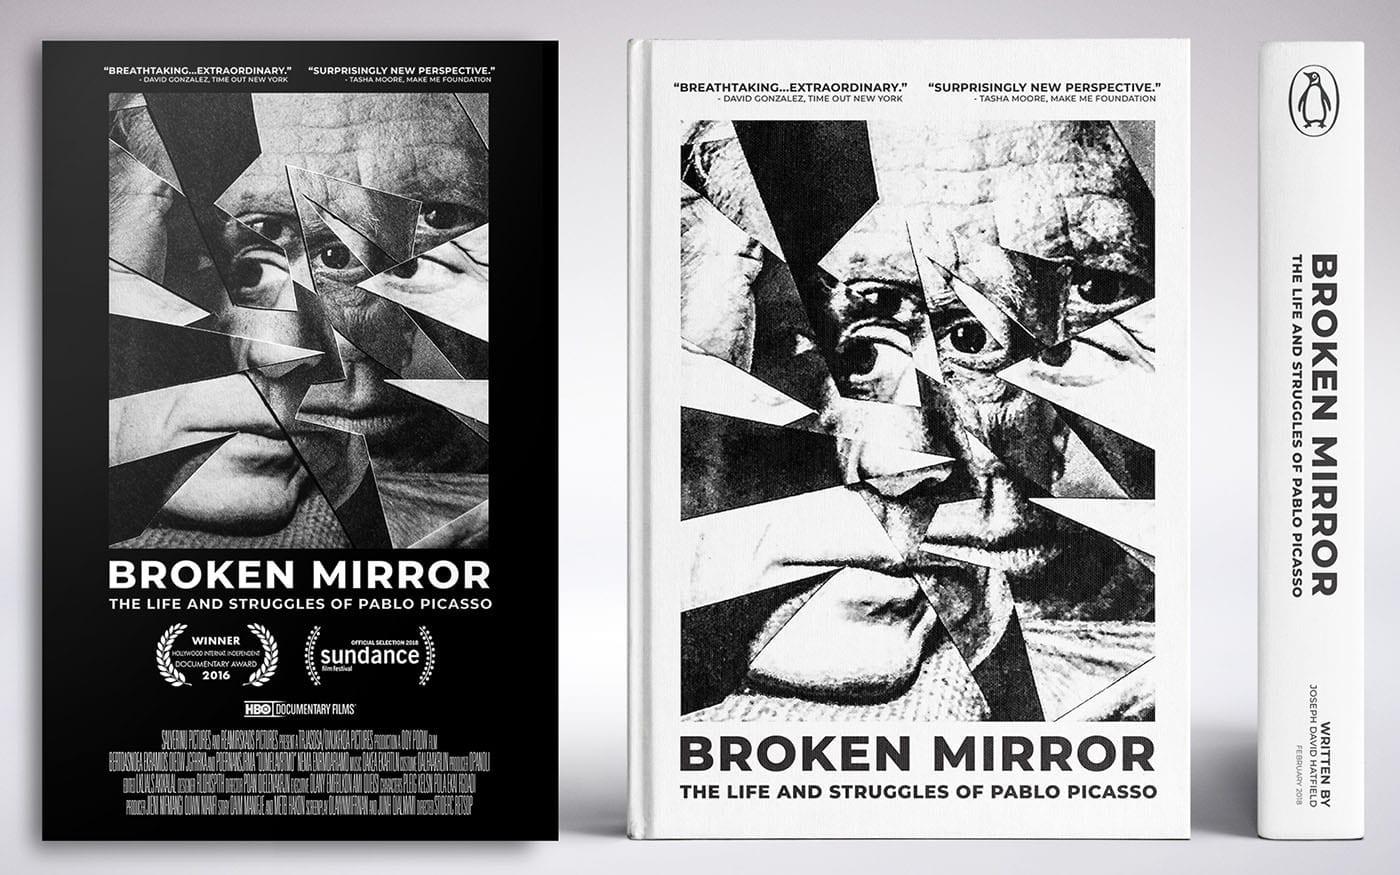 Picasso's Broken Mirror